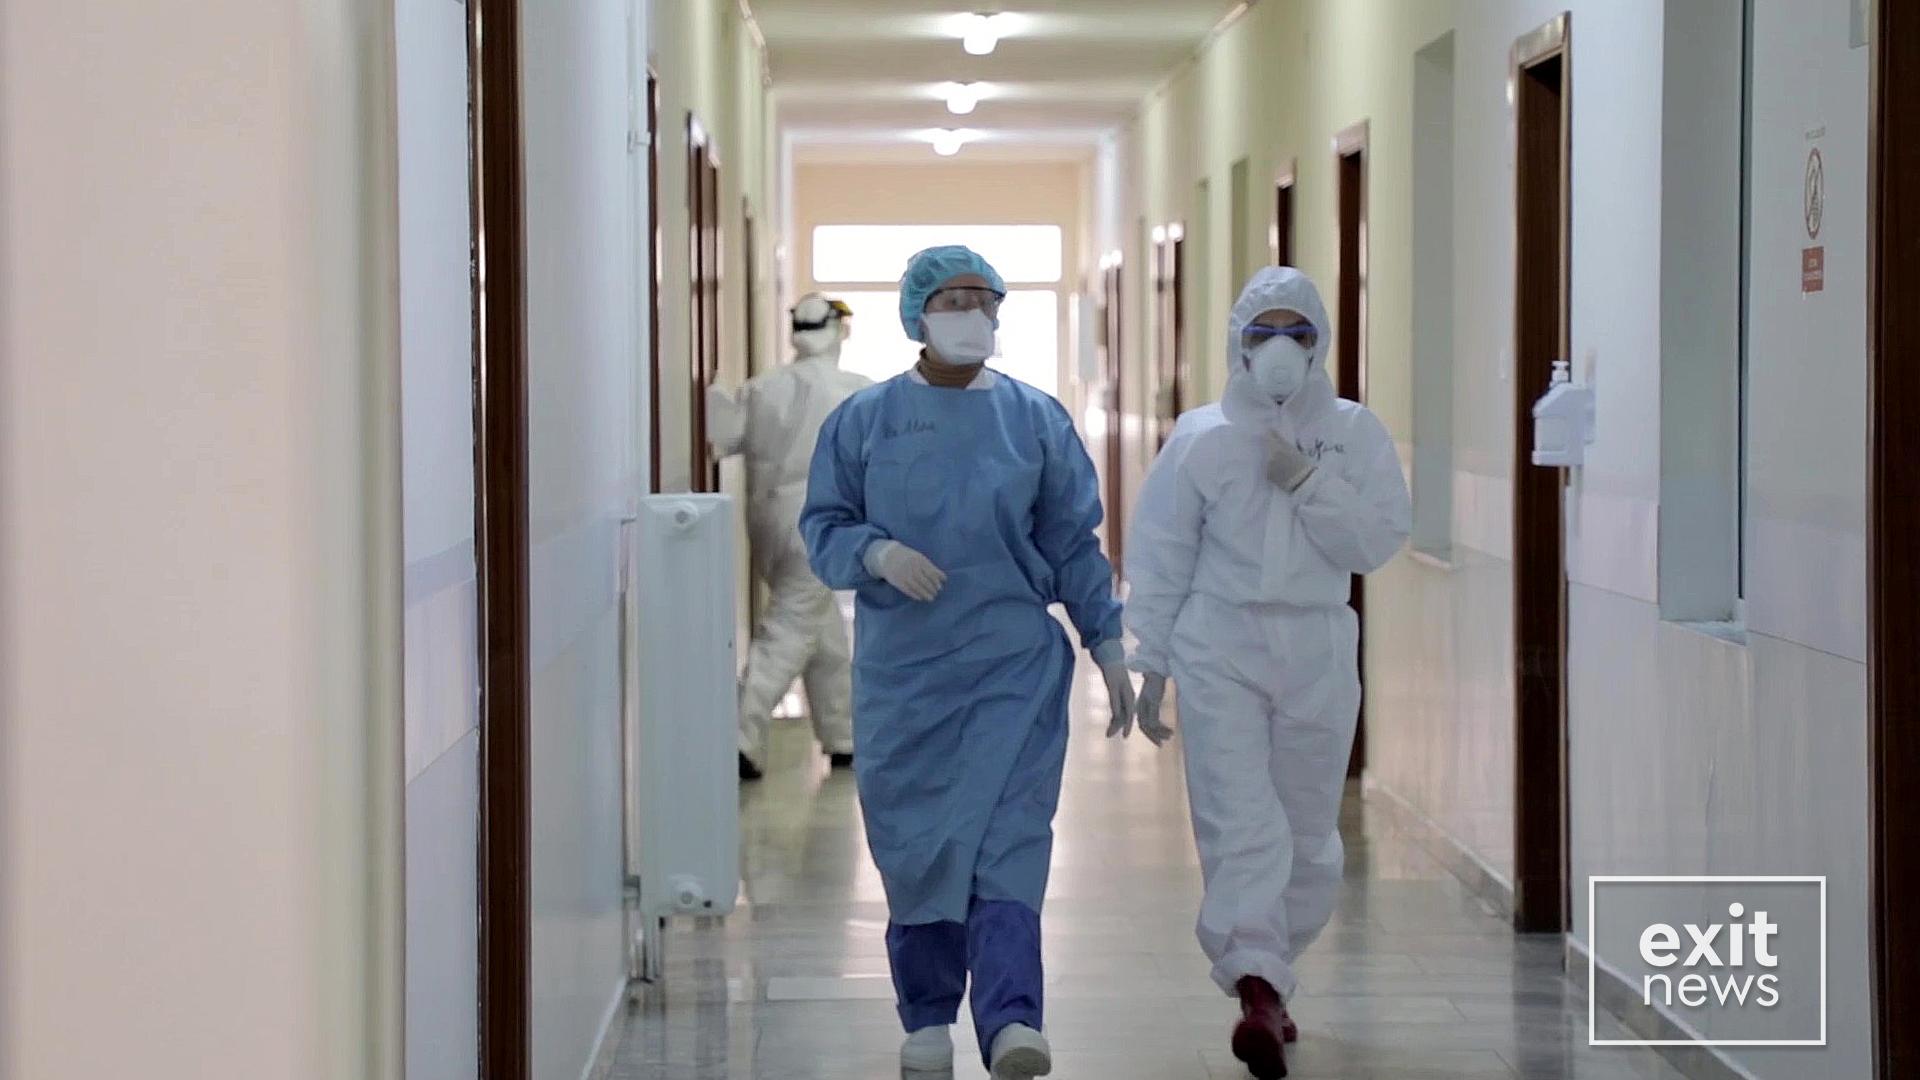 Dëmi më i madh i emigrimit: Largimi i mjekëve dhe infermierëve